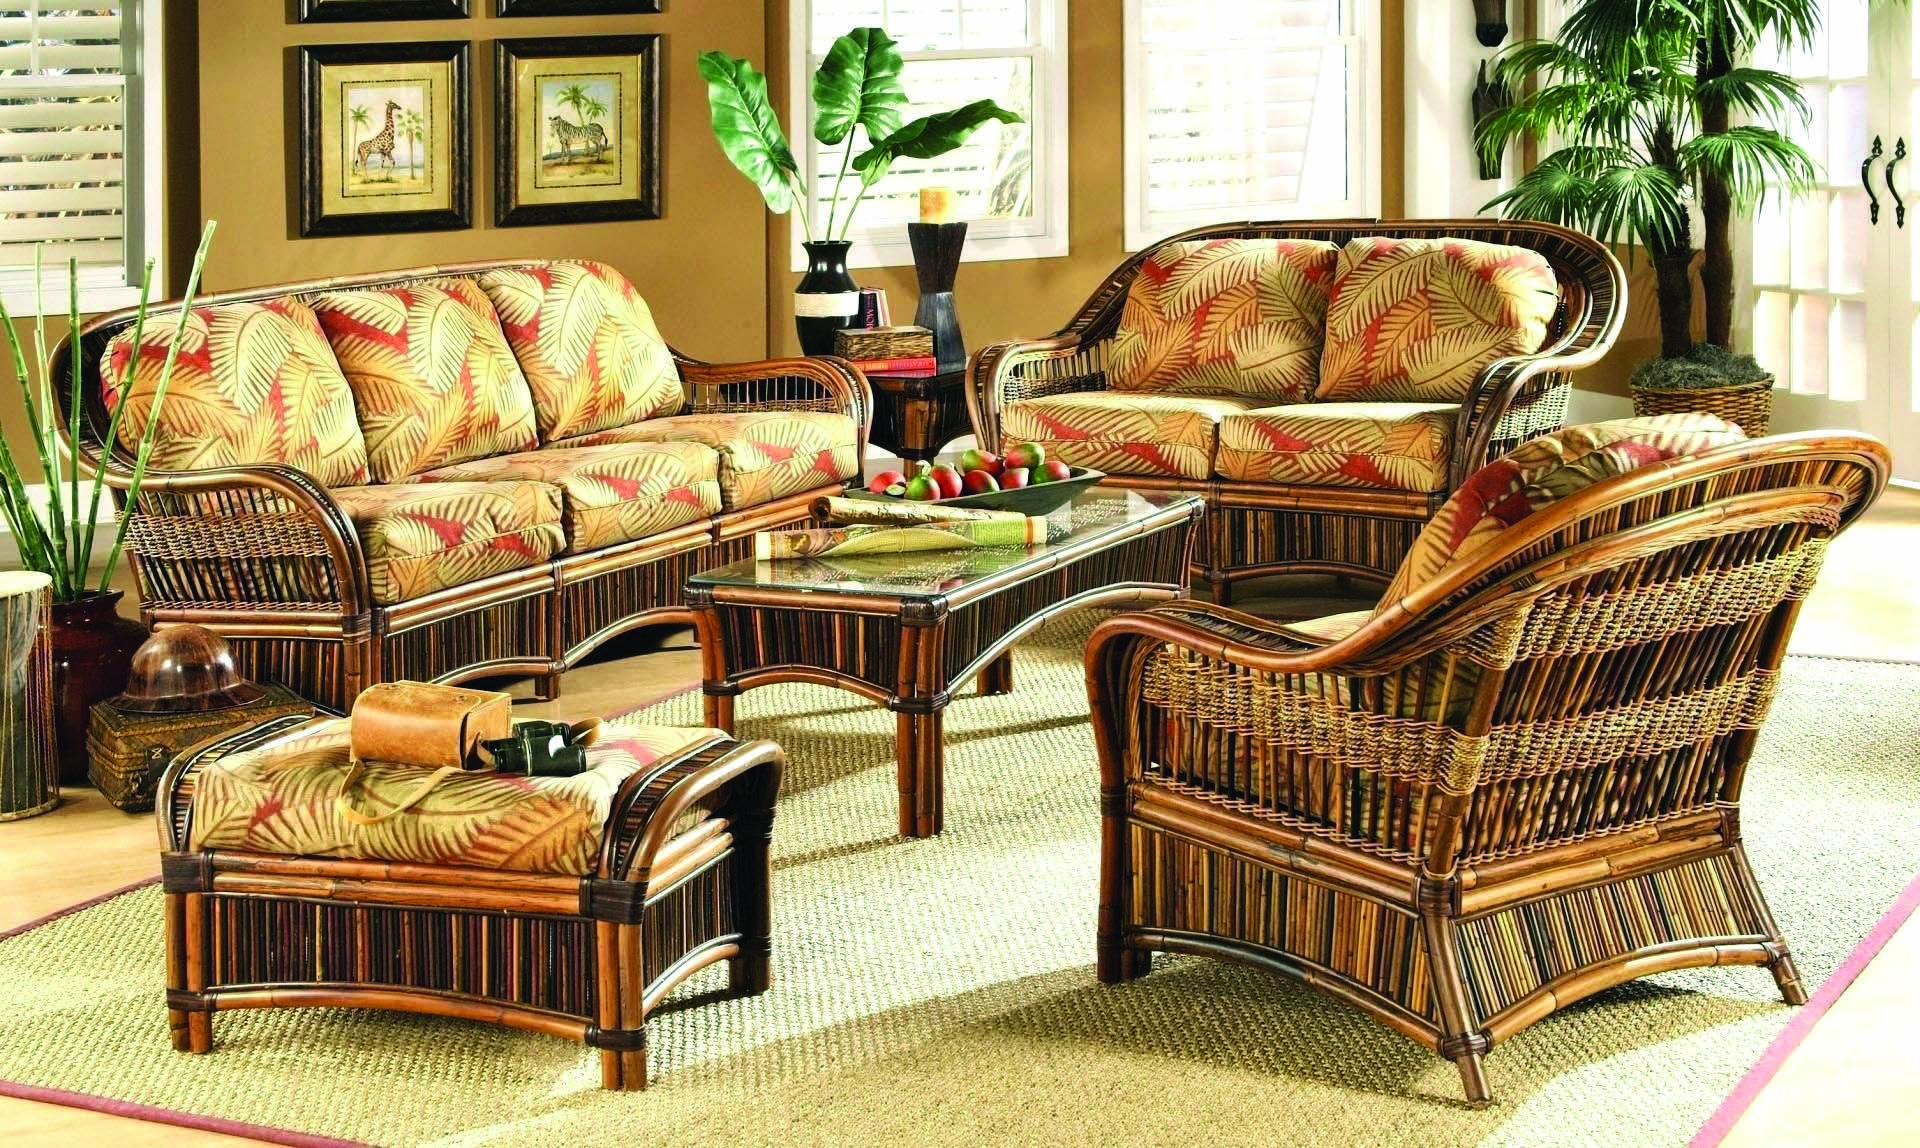 Inspiring 9 Seater Rattan Garden Furniture Set On This Favorite